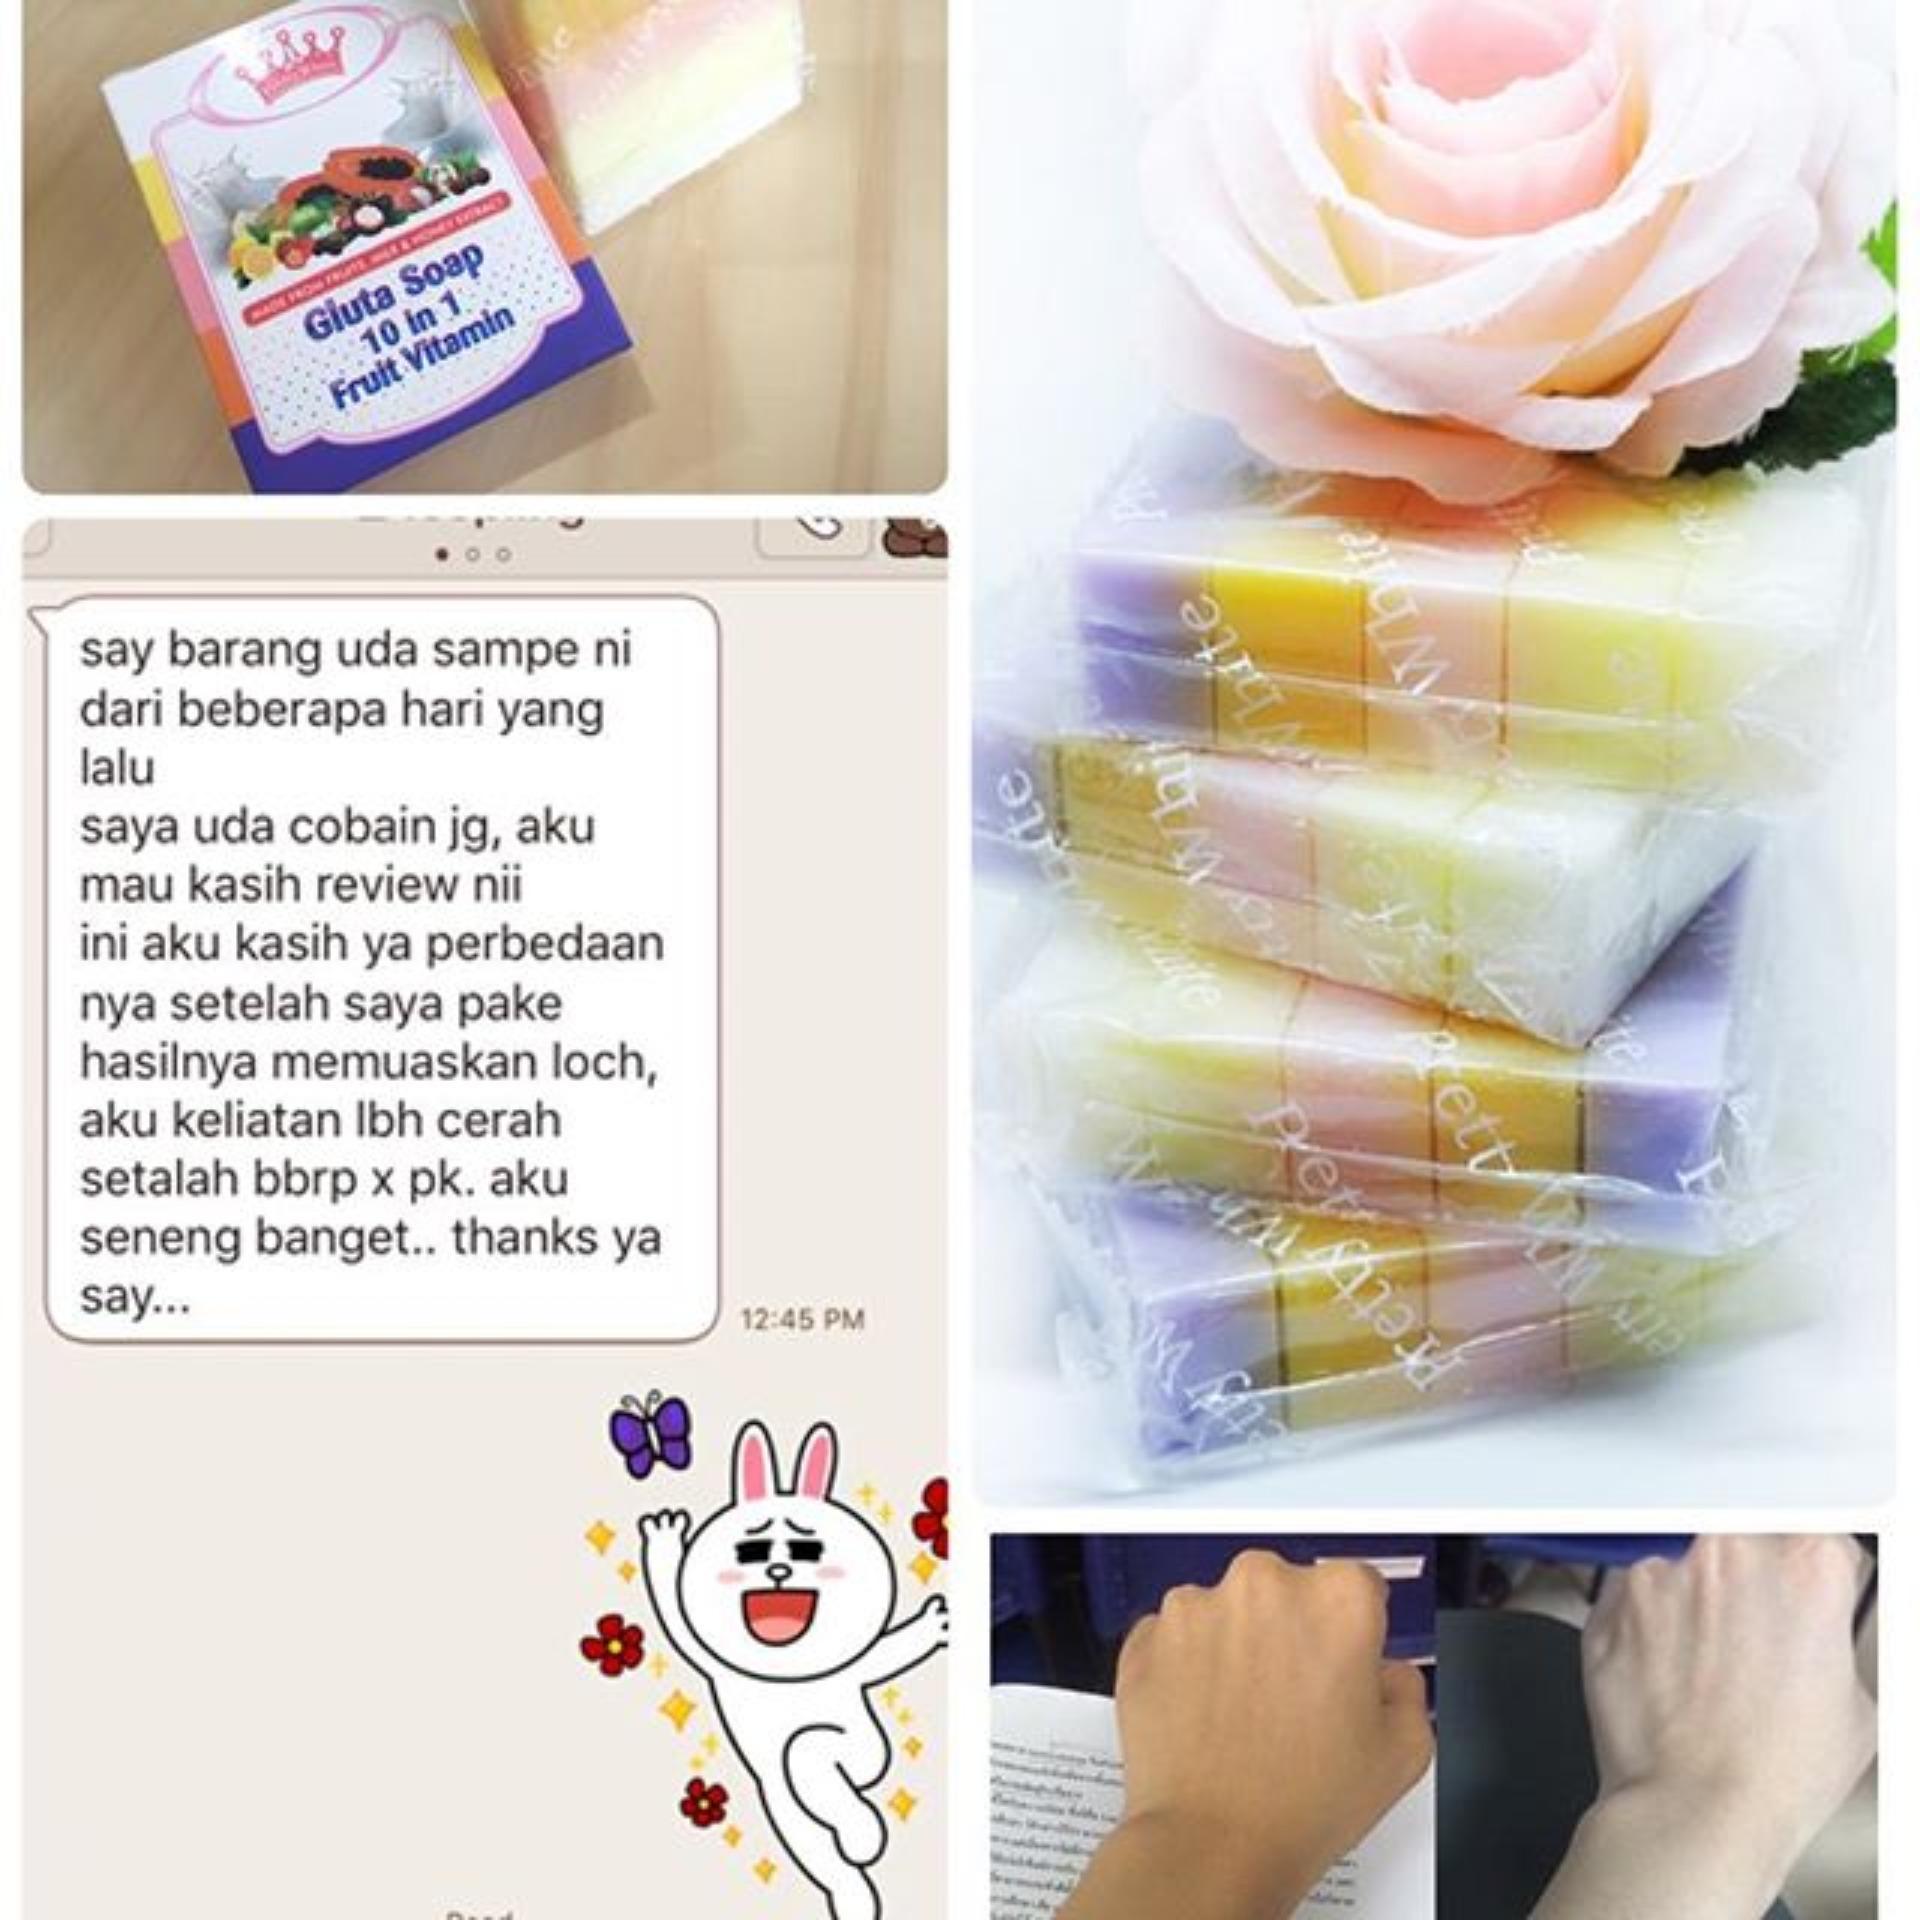 Price Checker Fruitamin Soap Bpom Sabun Pemutih Badan Dan Wajah Fruity 10in1 Rainbow